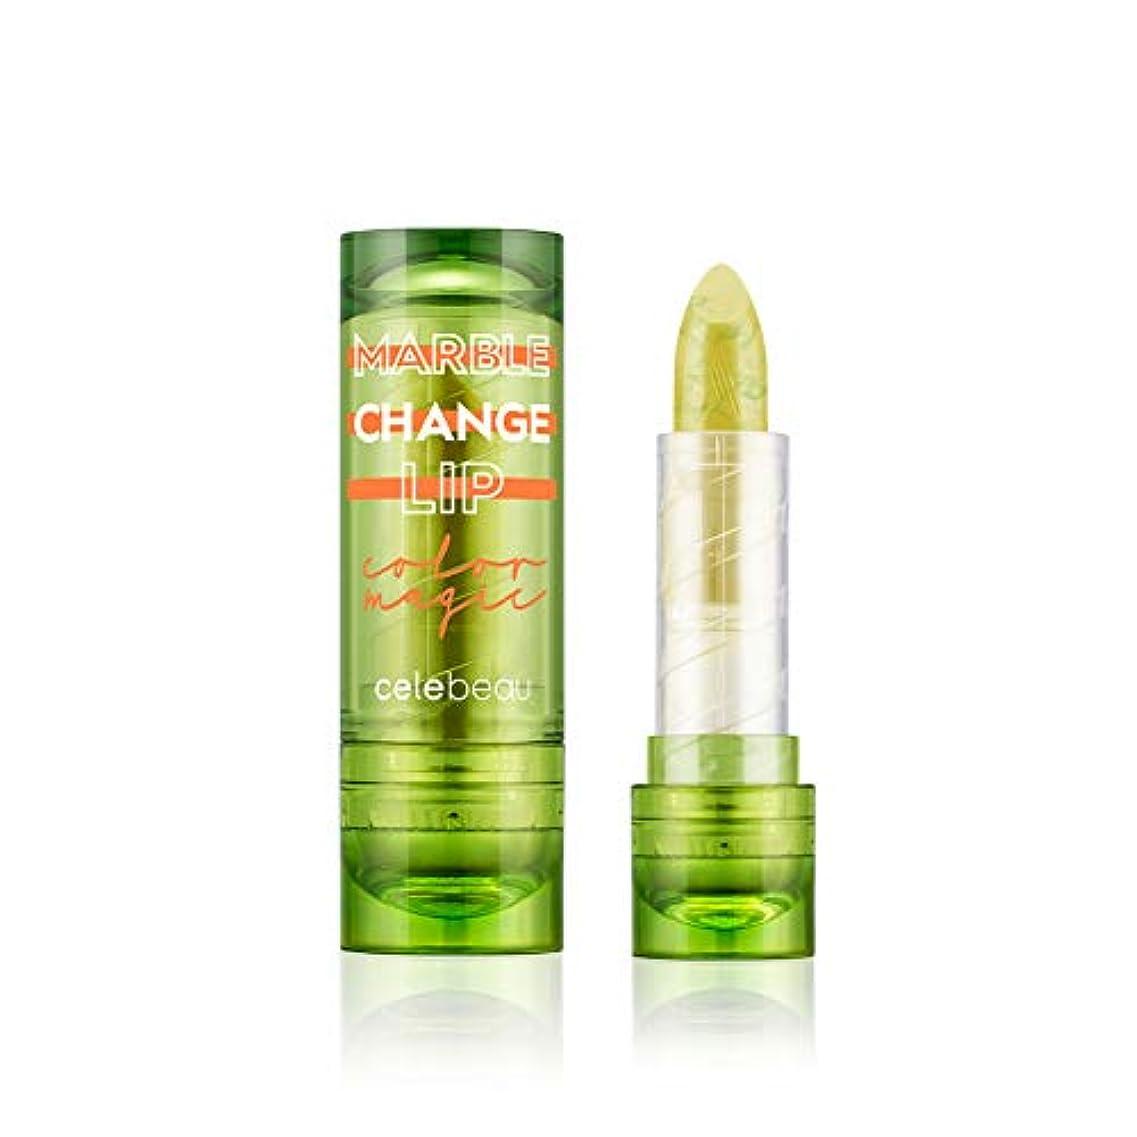 エンゲージメントスローガンテーマ【celebeau公式】celebeau Marble Change Lip 3.5g/セレビュー マーブル チェンジ リップ 3.5g (02 イエロー ライム)